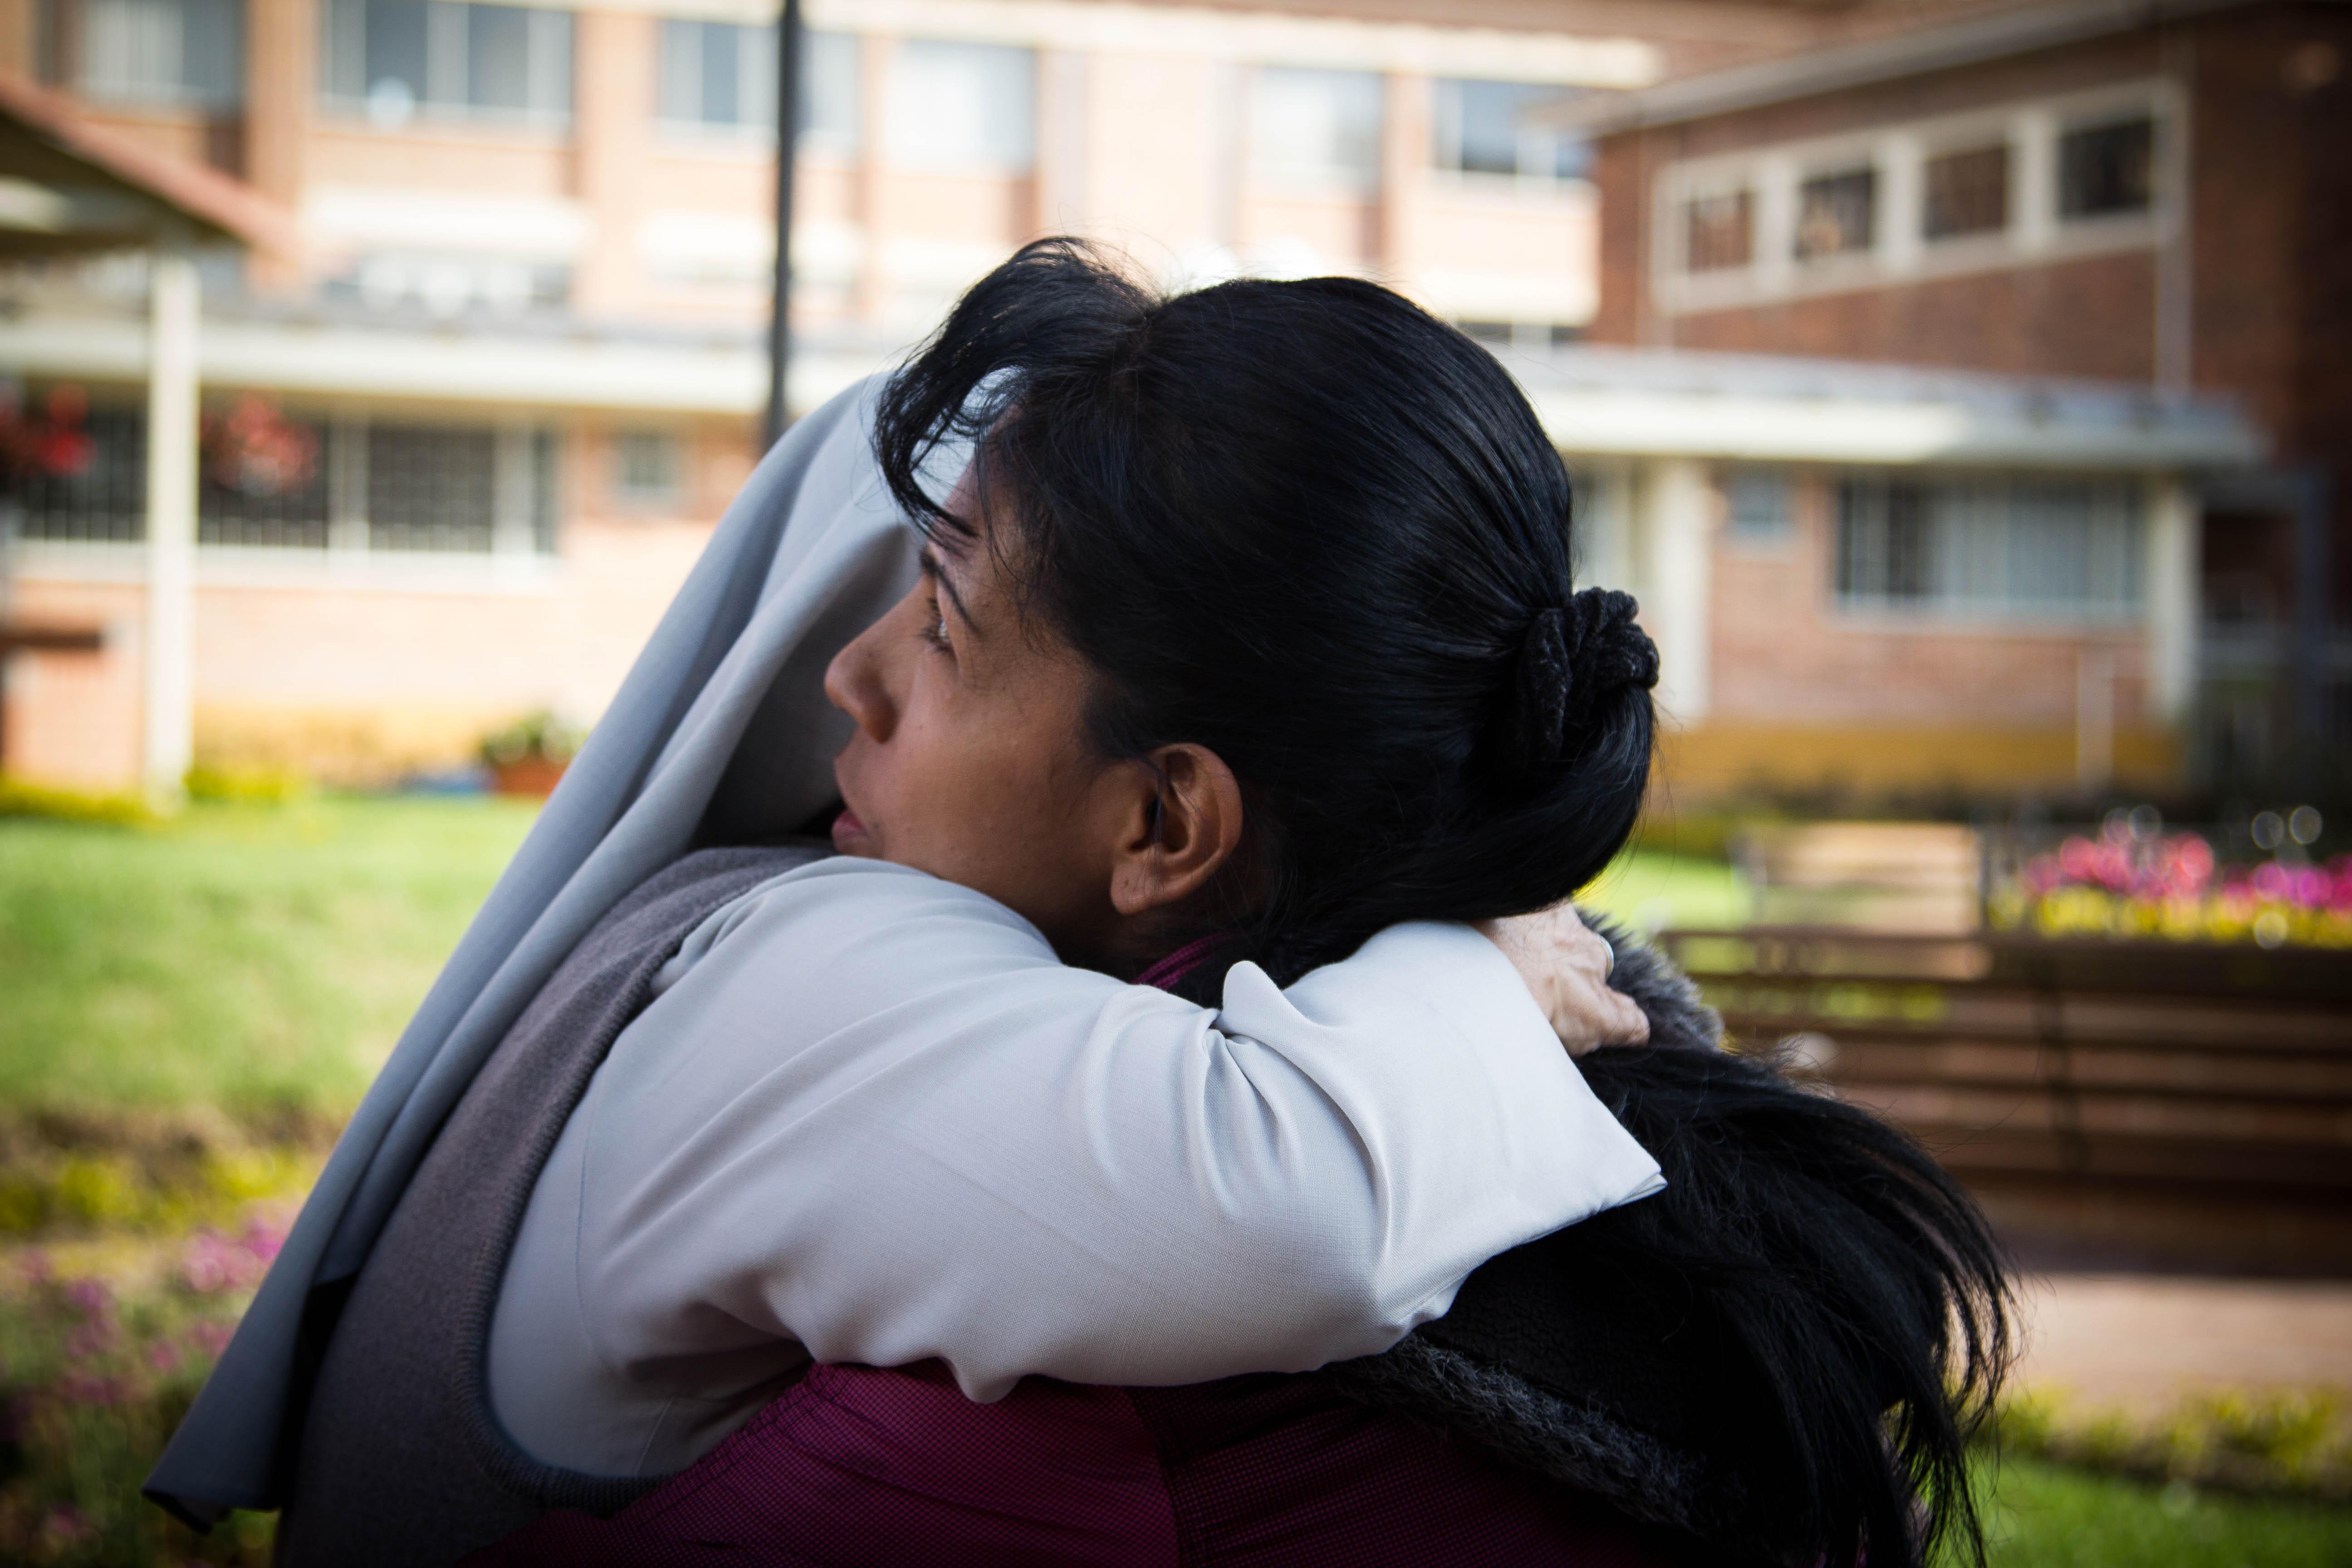 Die Arbeit der Miquelina Stiftung hilft Frauen und Mädchen in Not